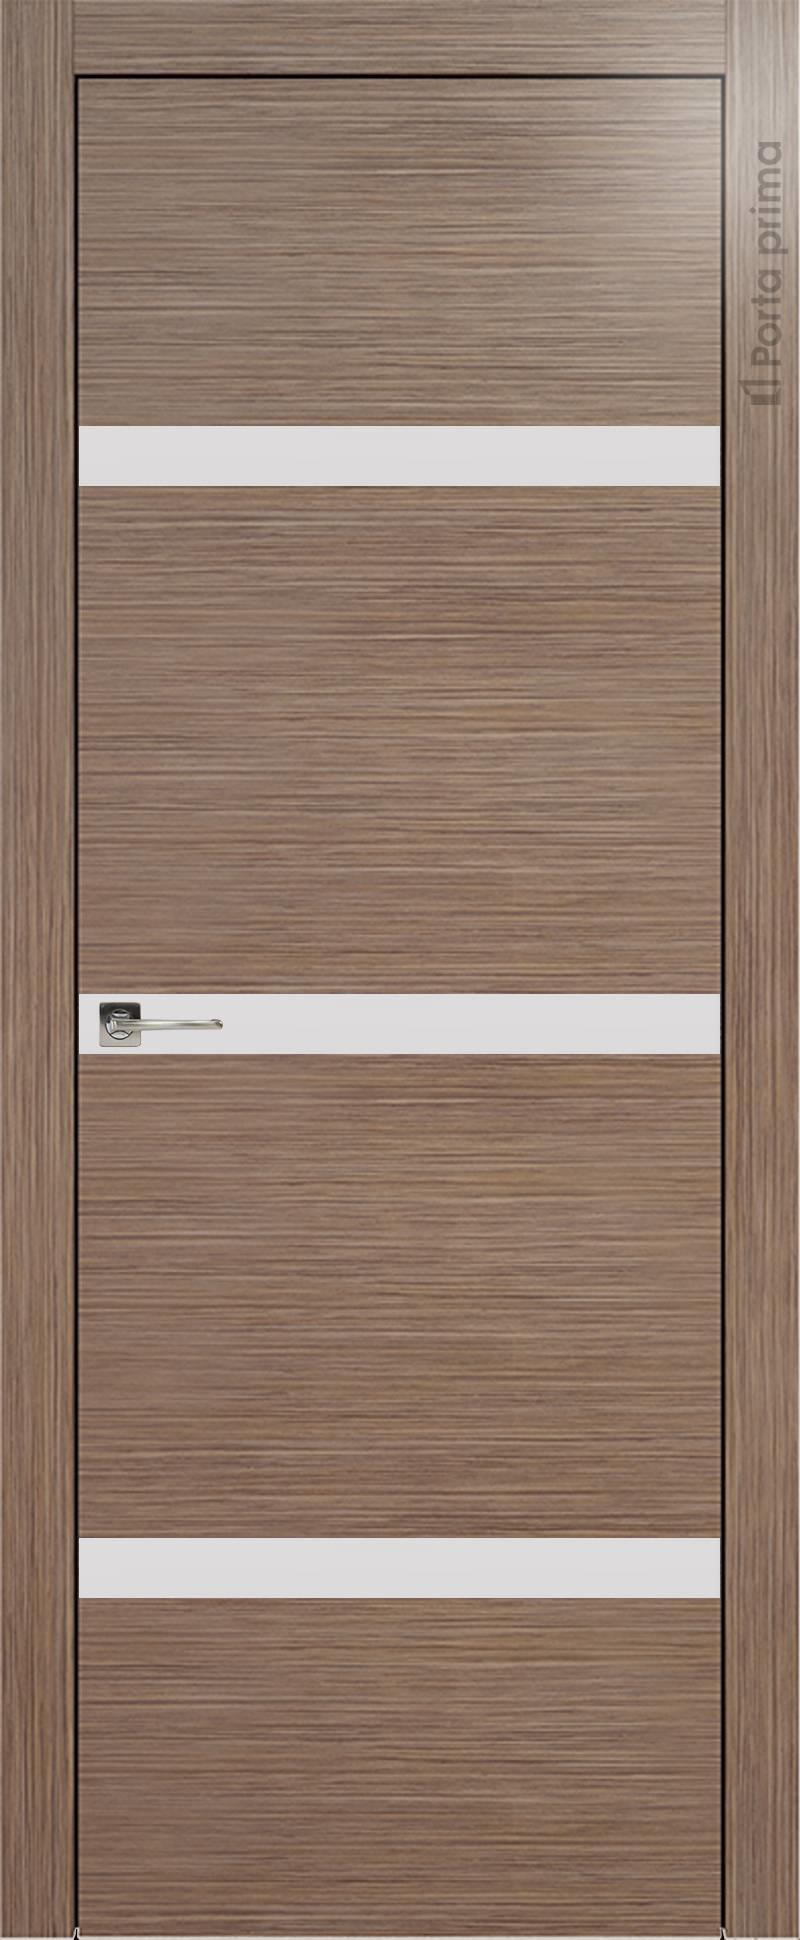 Tivoli Г-4 цвет - Орех Без стекла (ДГ)